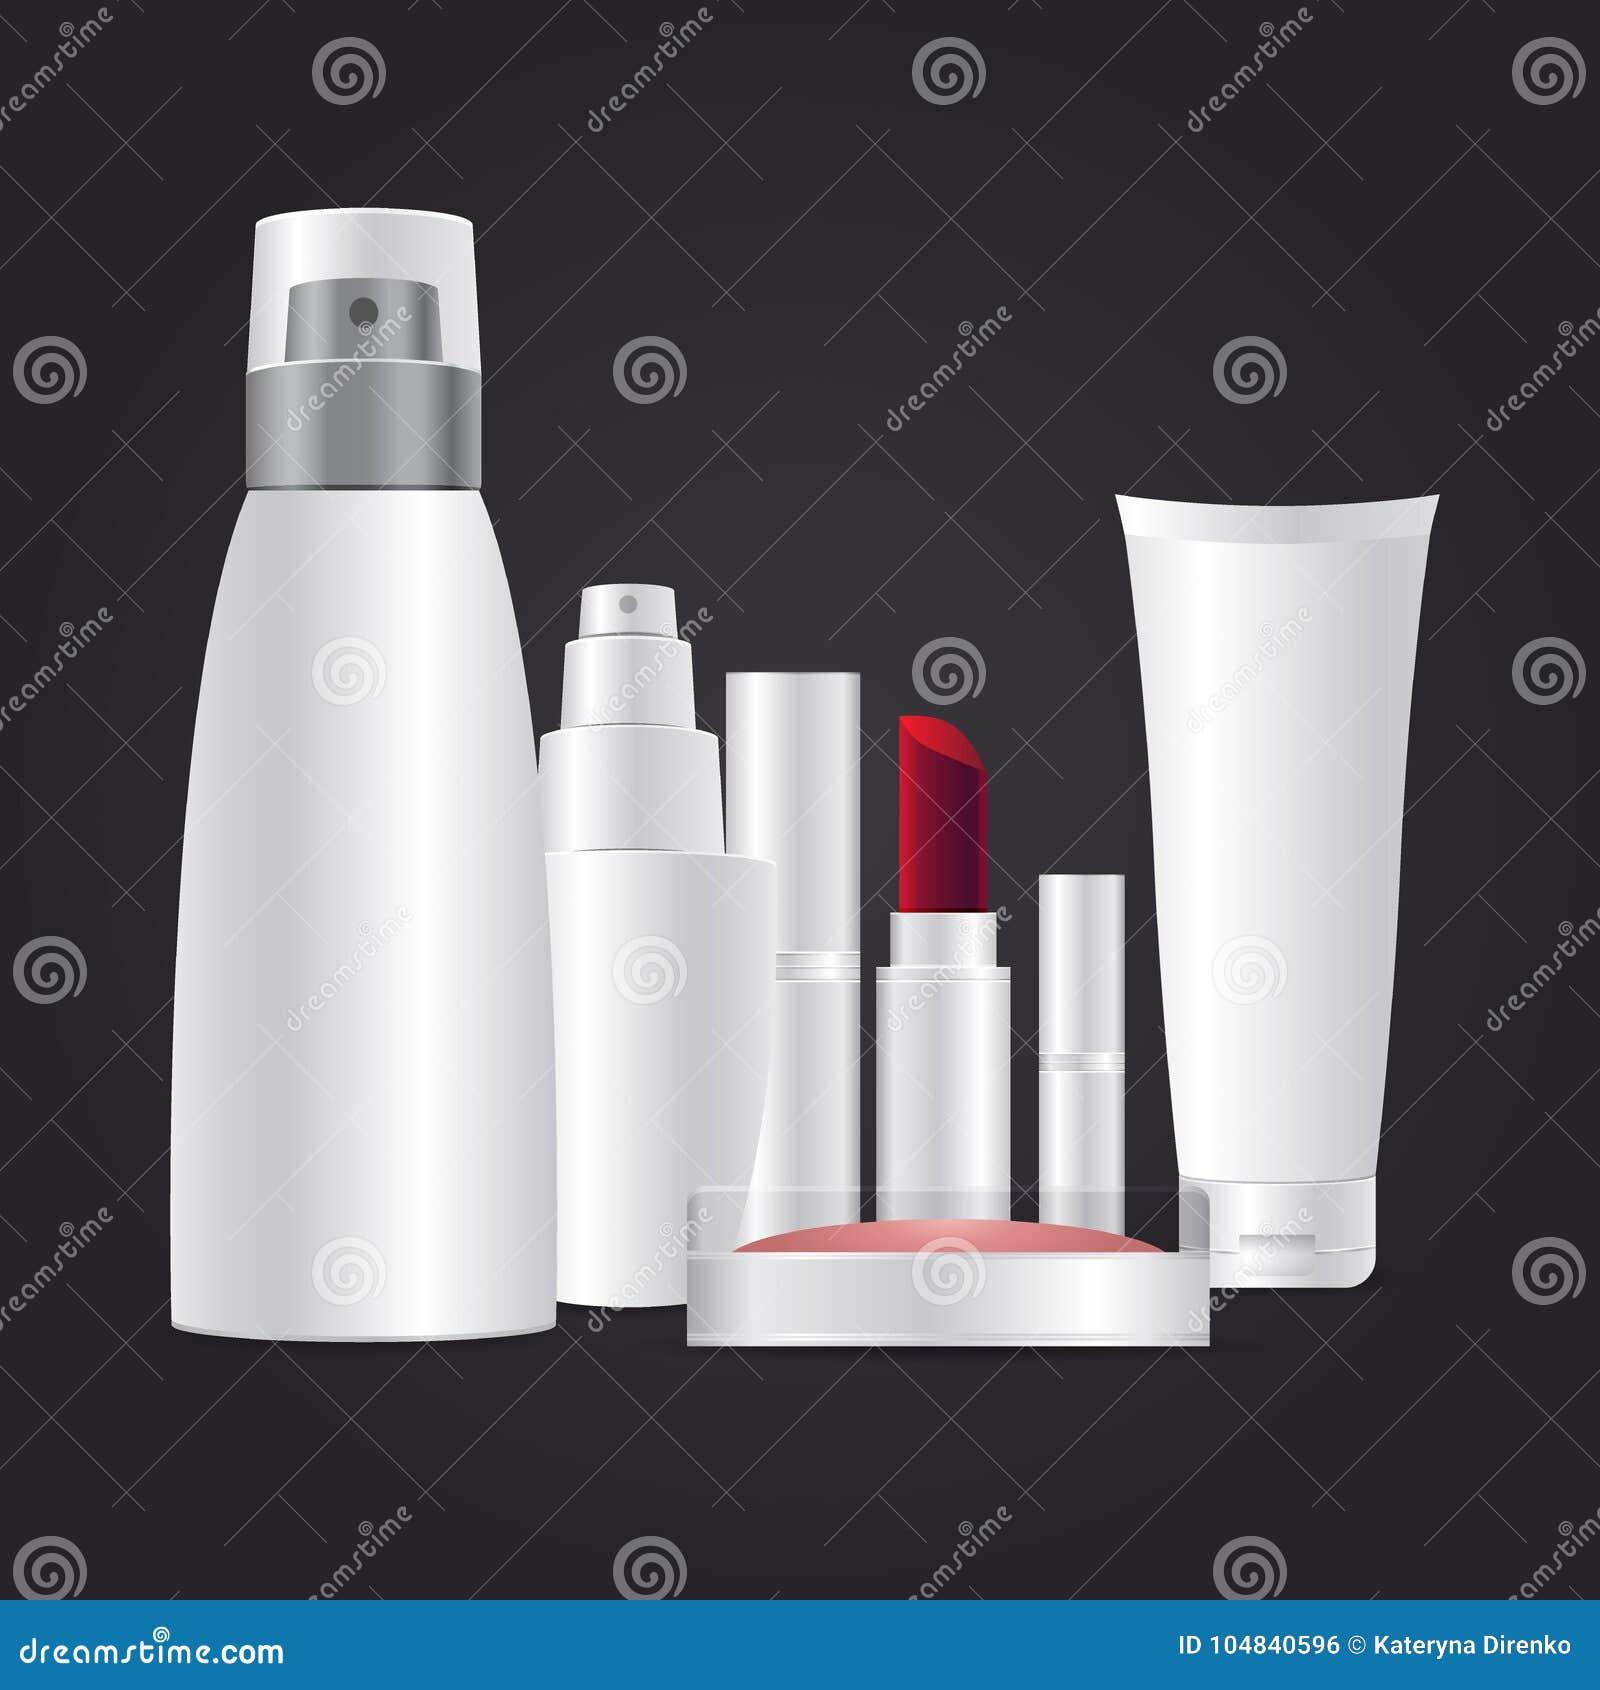 Molde cosmético do tipo pacote 3d cosmético realístico branco na ilustração cinzenta escura do vetor do fundo